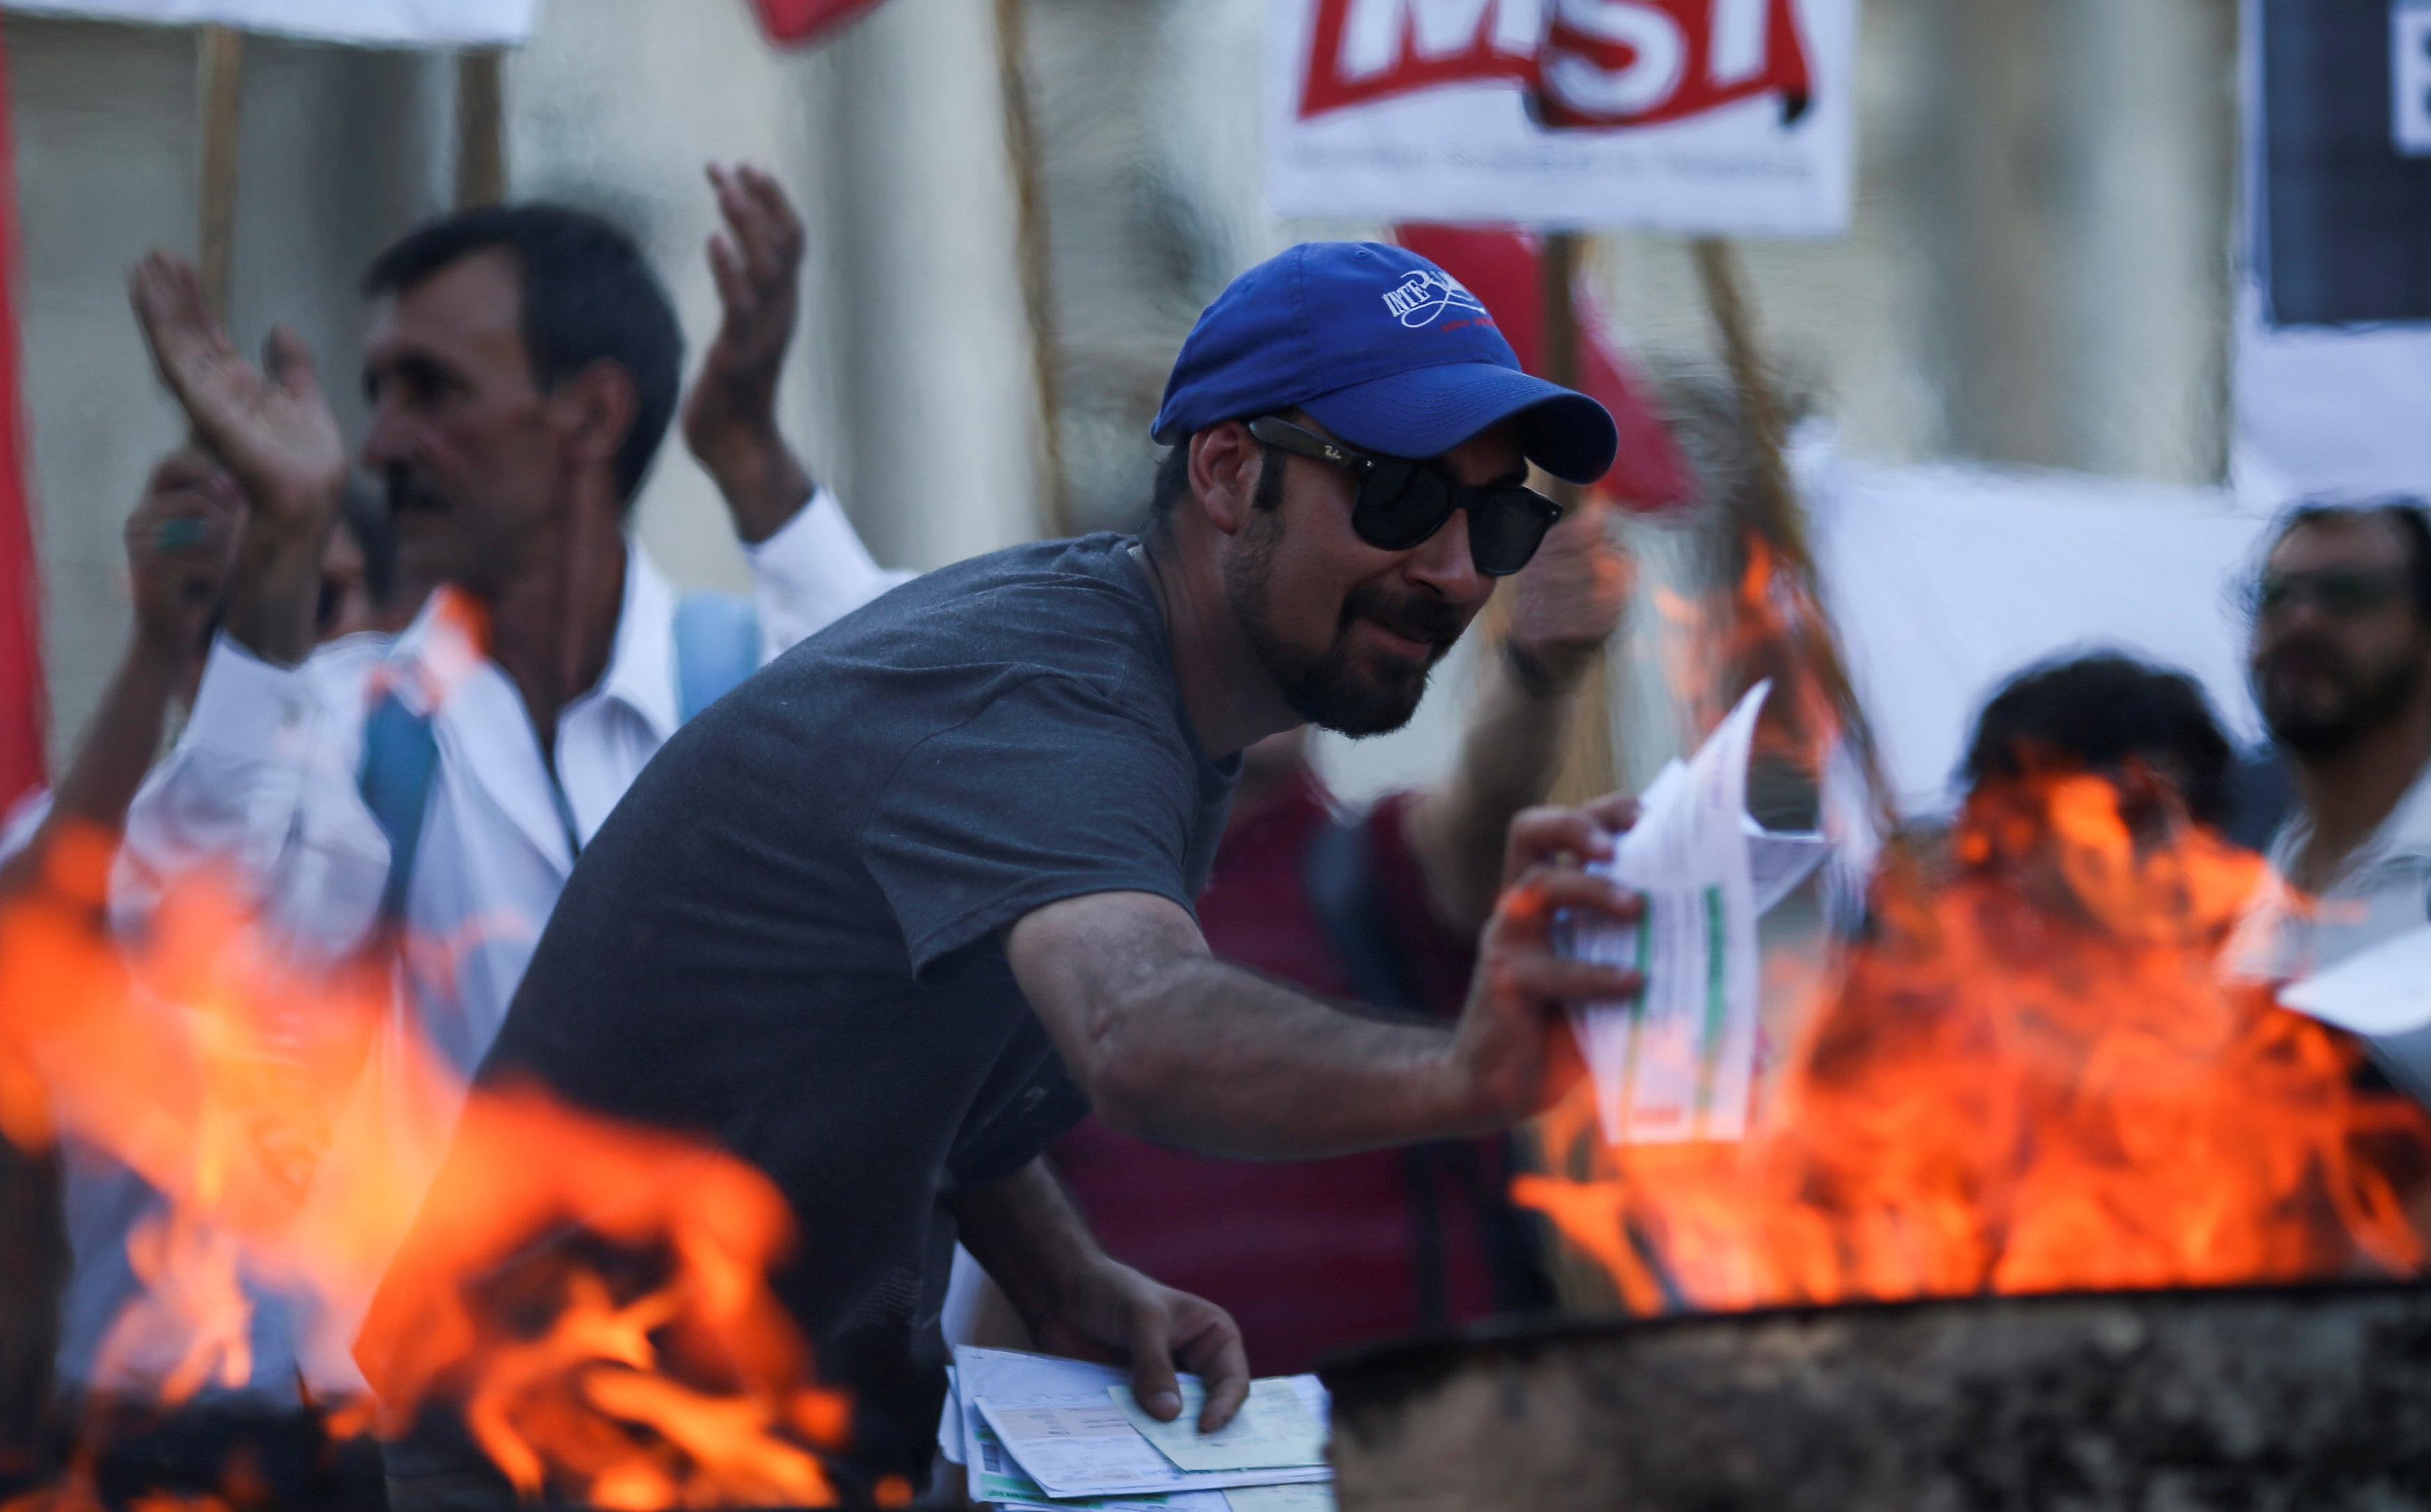 حرق الفواتير أمام مقر البرلمان فى بيونيس آيرس